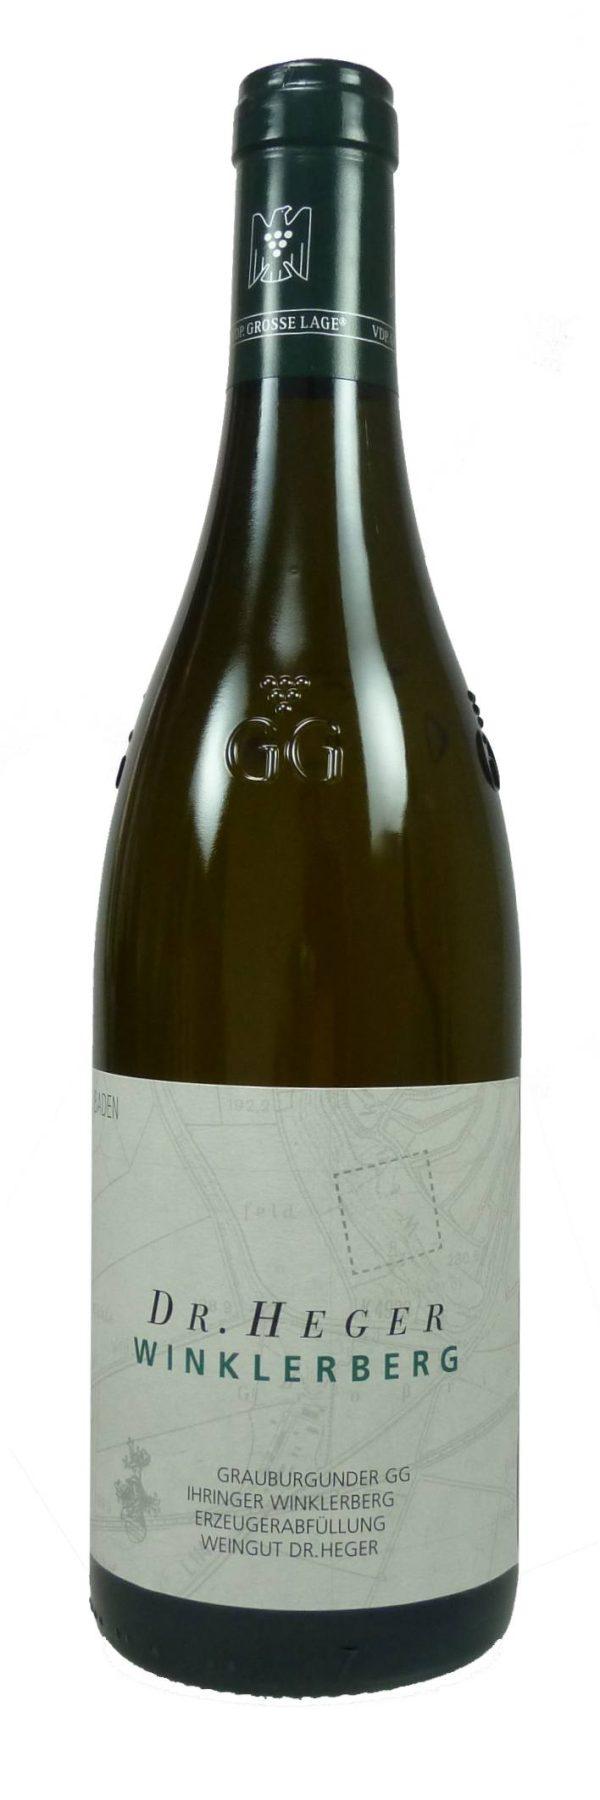 Vorderer Winklerberg Grauburgunder Großes Gewächs Qualitätswein trocken 2016